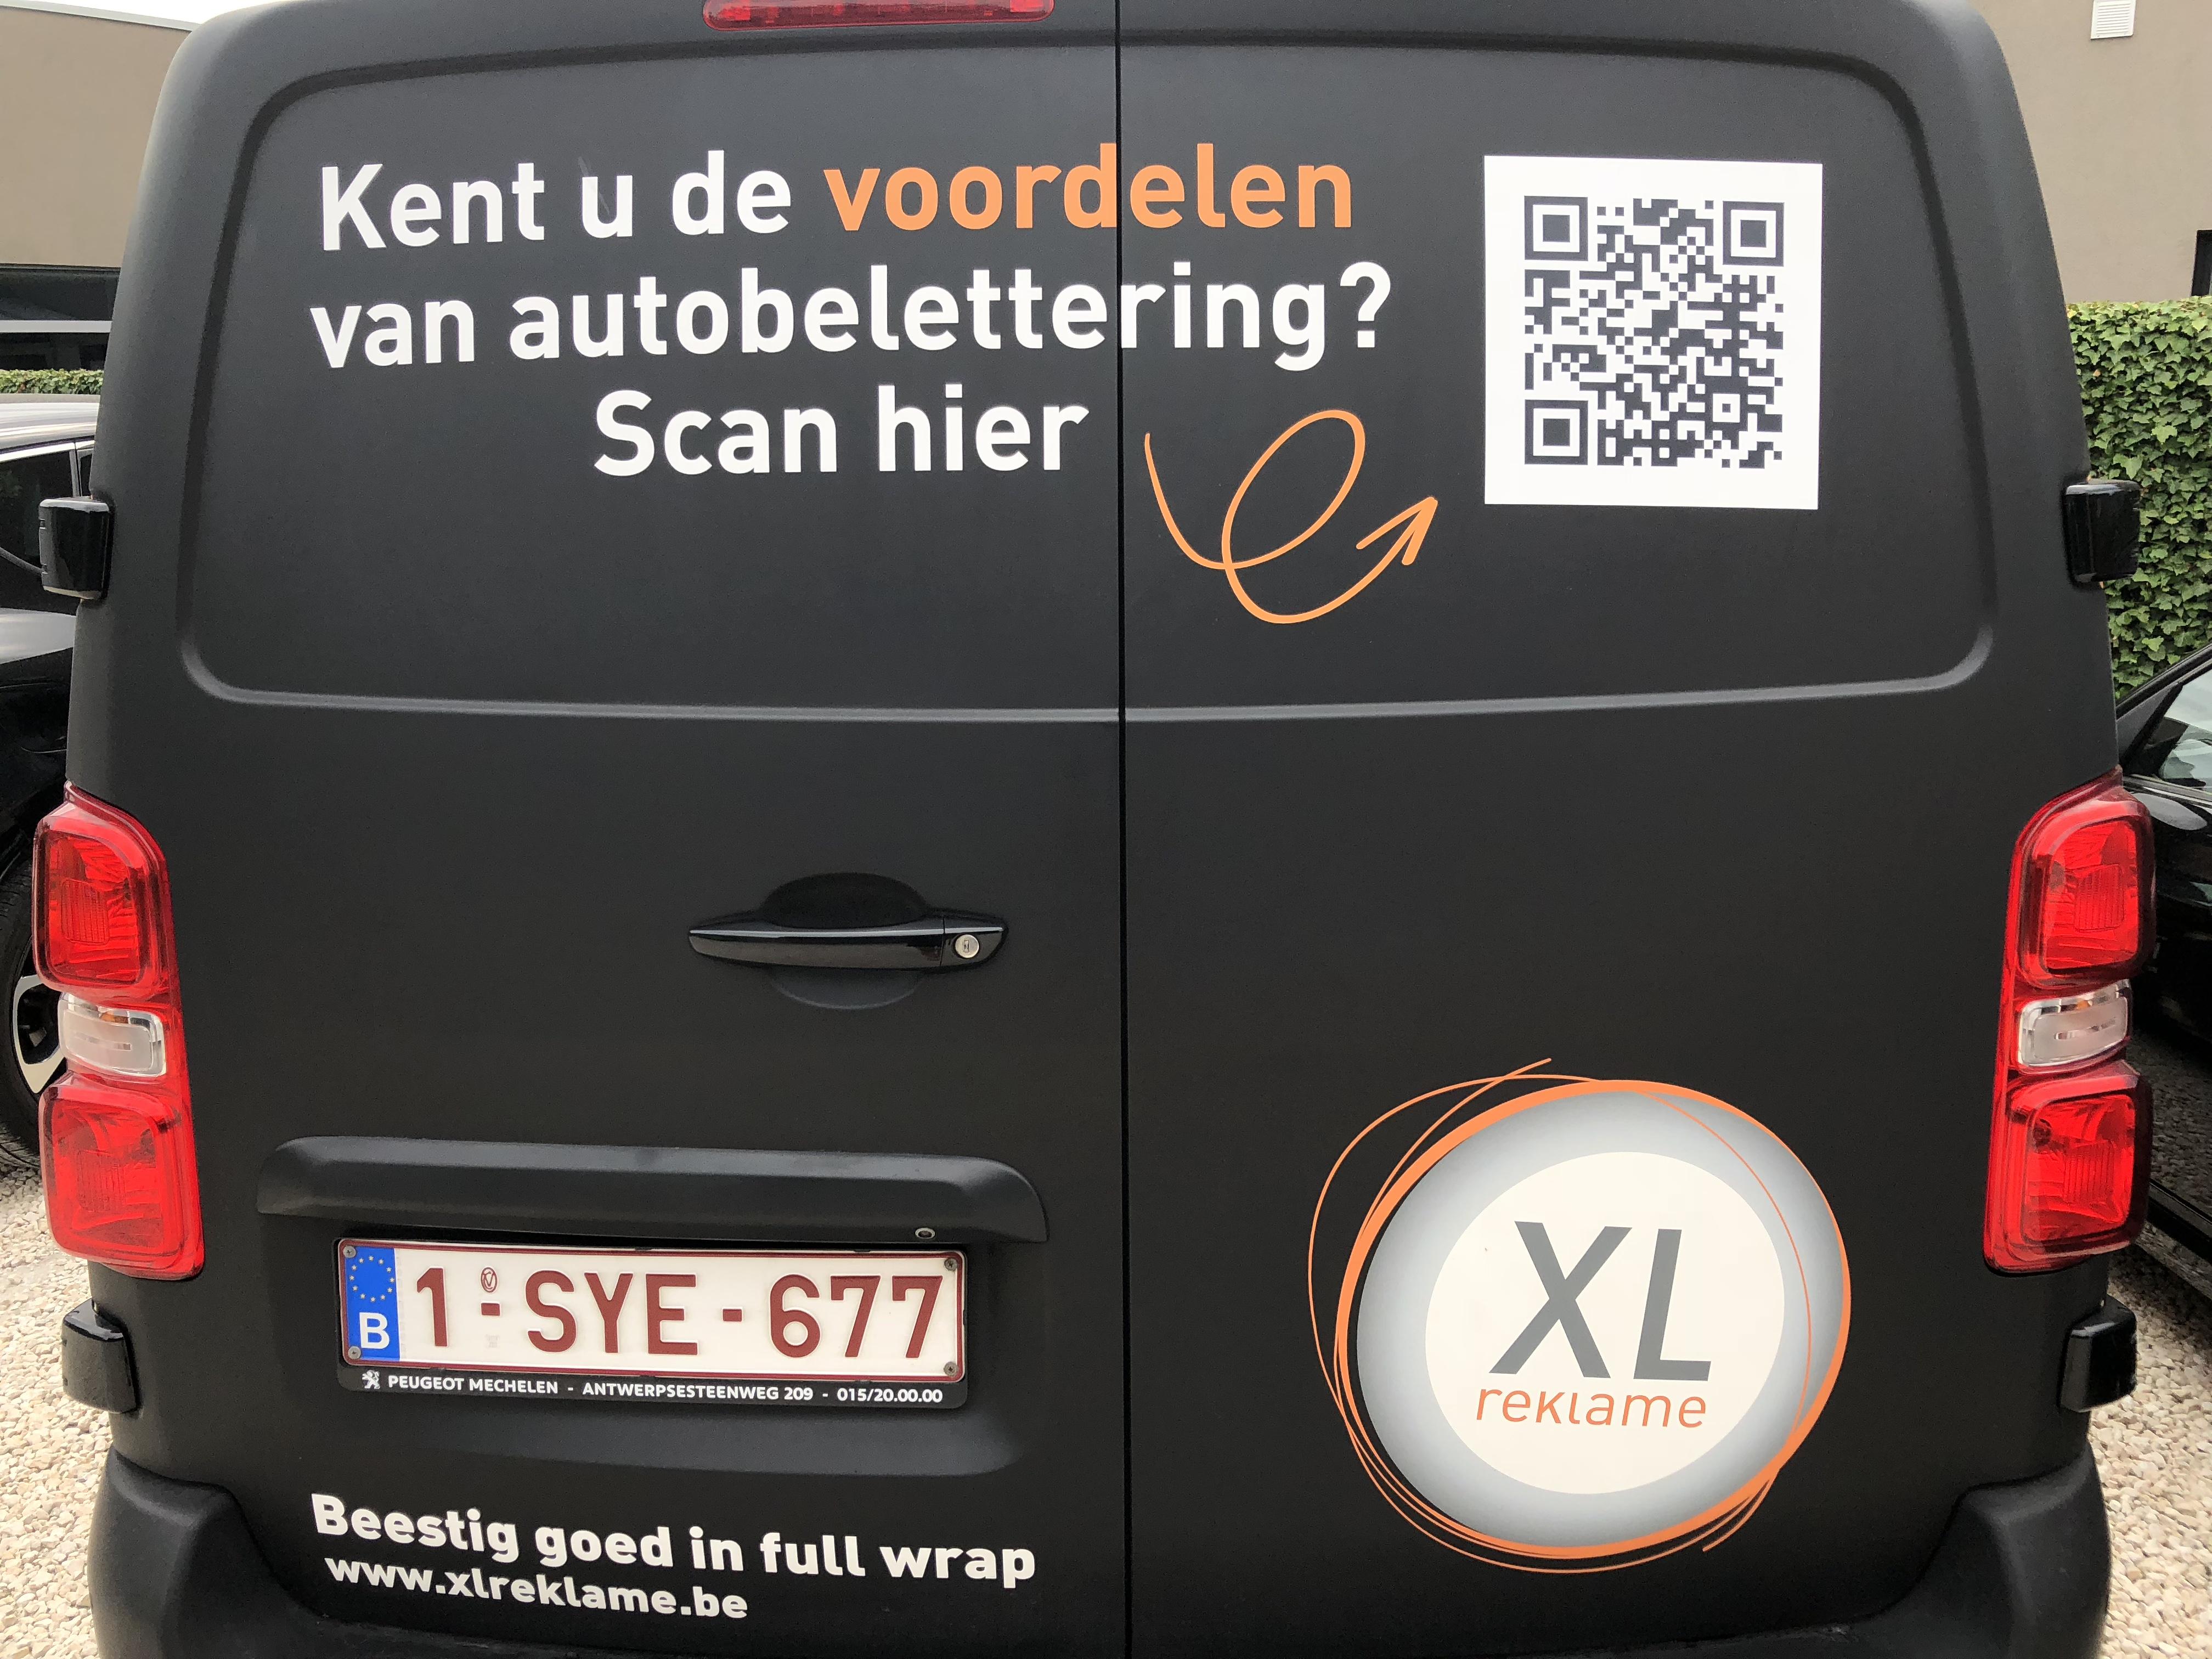 Hoe kan je het rendement van autobelettering meten? - XL Reklame